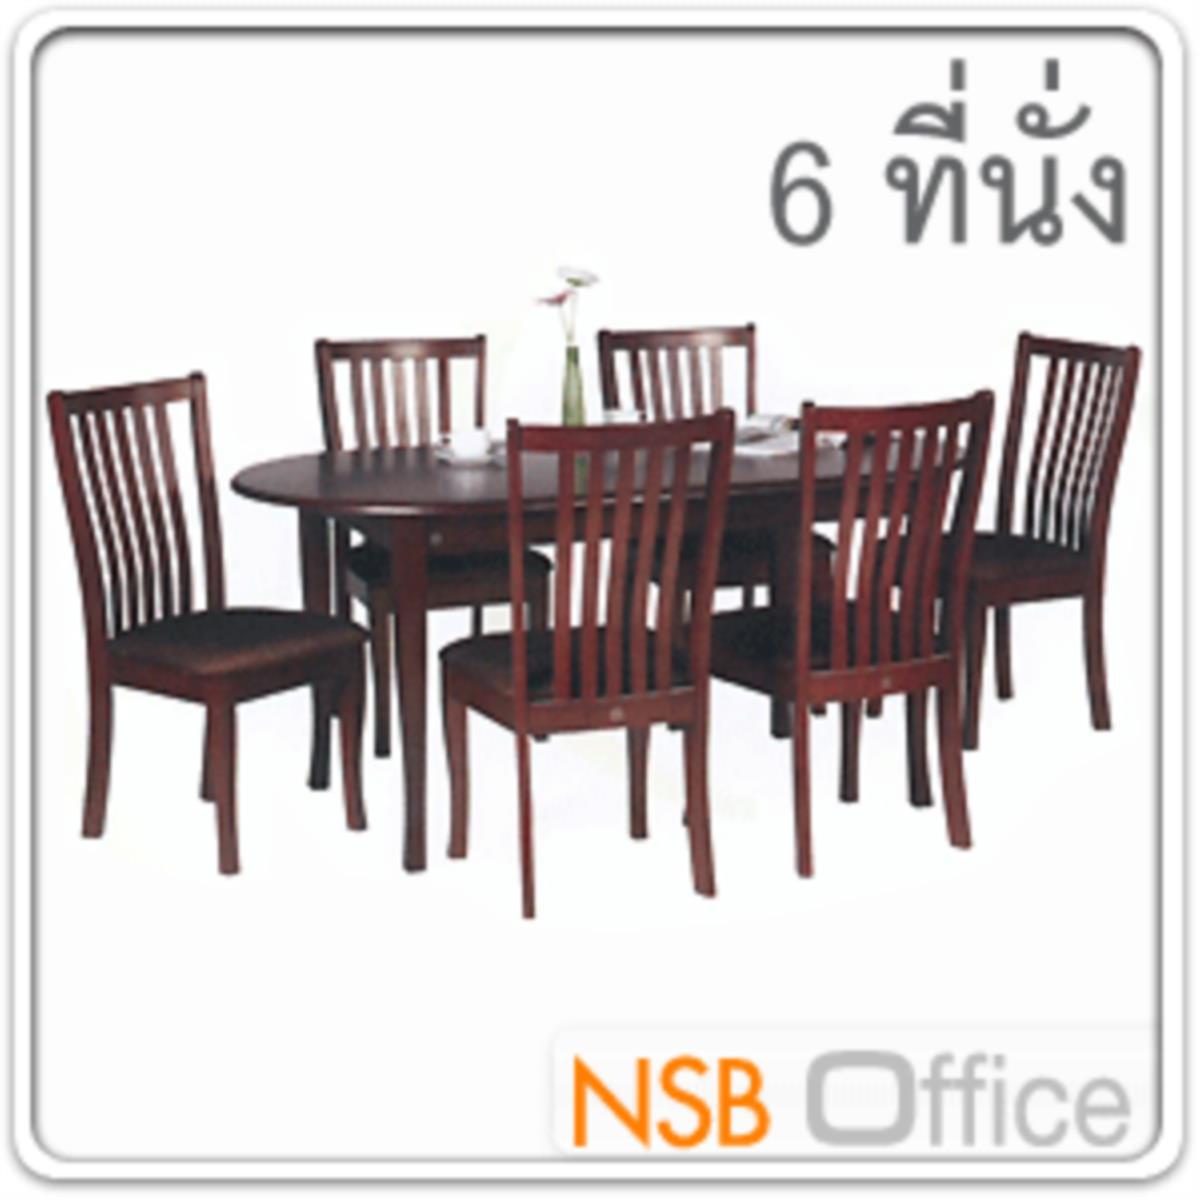 ชุดโต๊ะรับประทานอาหารหน้าโฟเมก้าลายไม้ 6 ที่นั่ง  รุ่น SUNNY-23 ขนาด 165W cm. พร้อมเก้าอี้